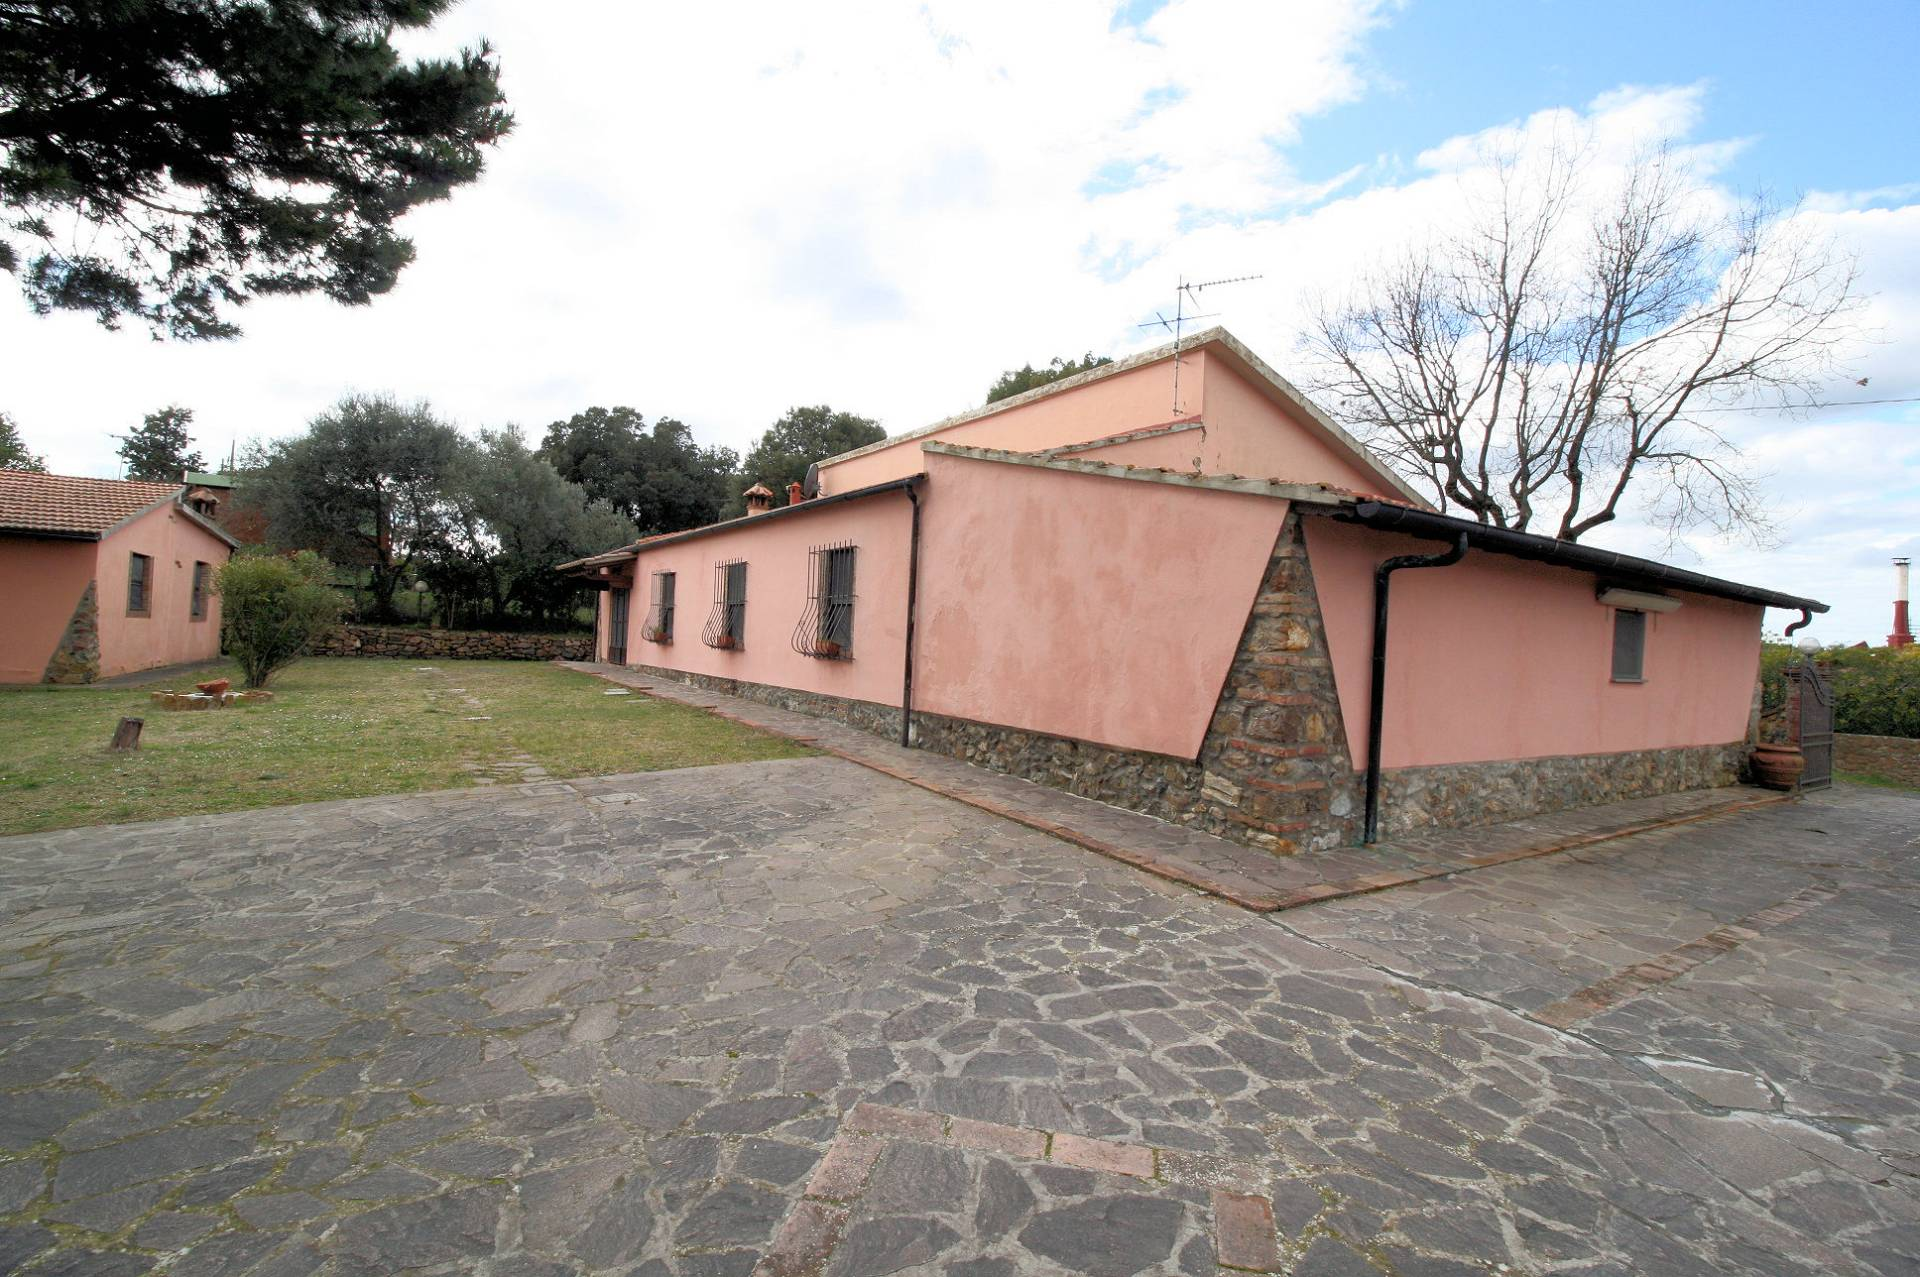 Villa in vendita a Rosignano Marittimo, 8 locali, zona Zona: Gabbro, prezzo € 319.000 | Cambio Casa.it